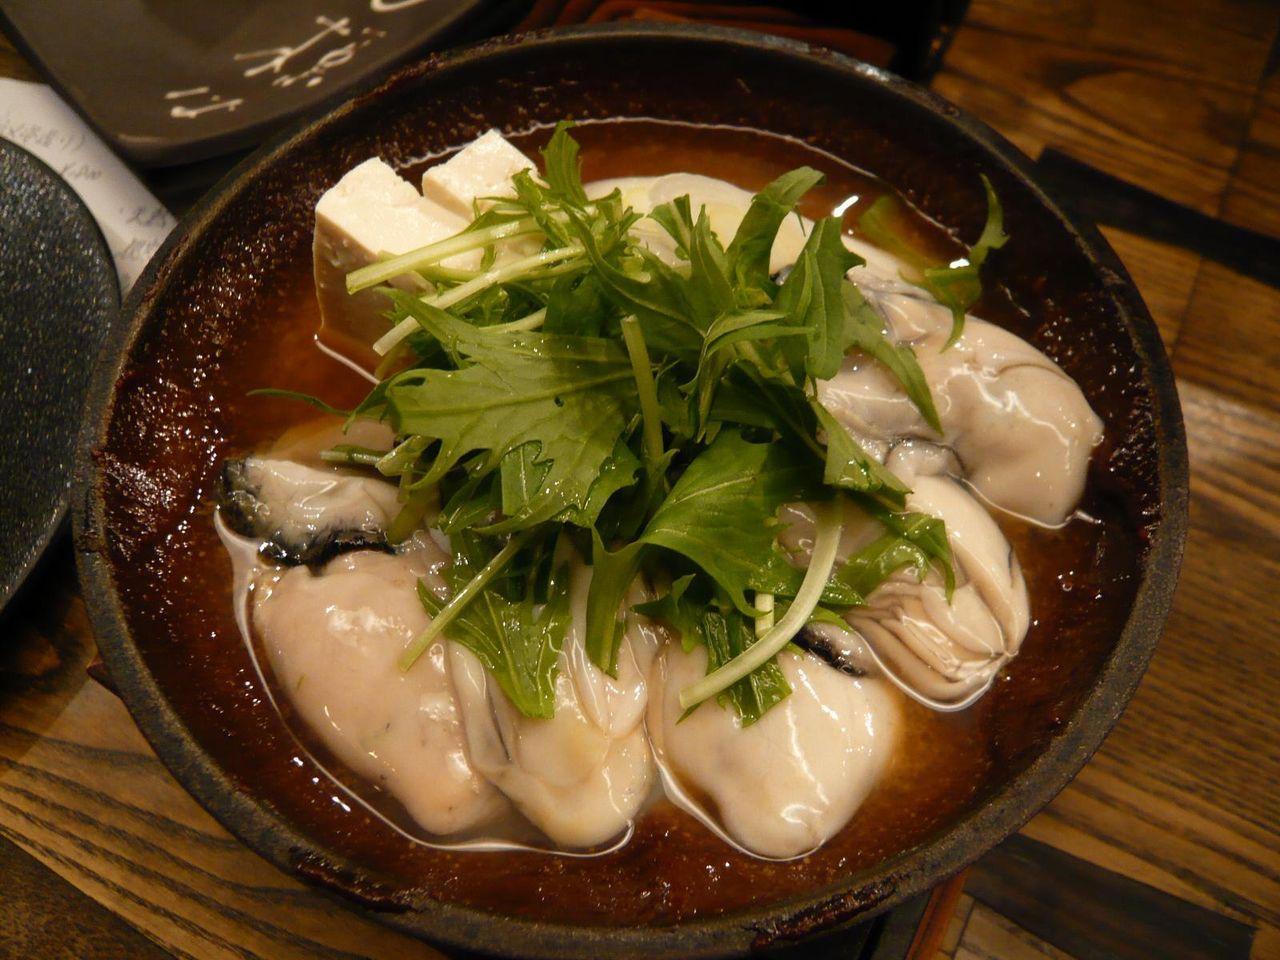 プリプリの牡蠣を使用した、黒味噌どて焼き980円